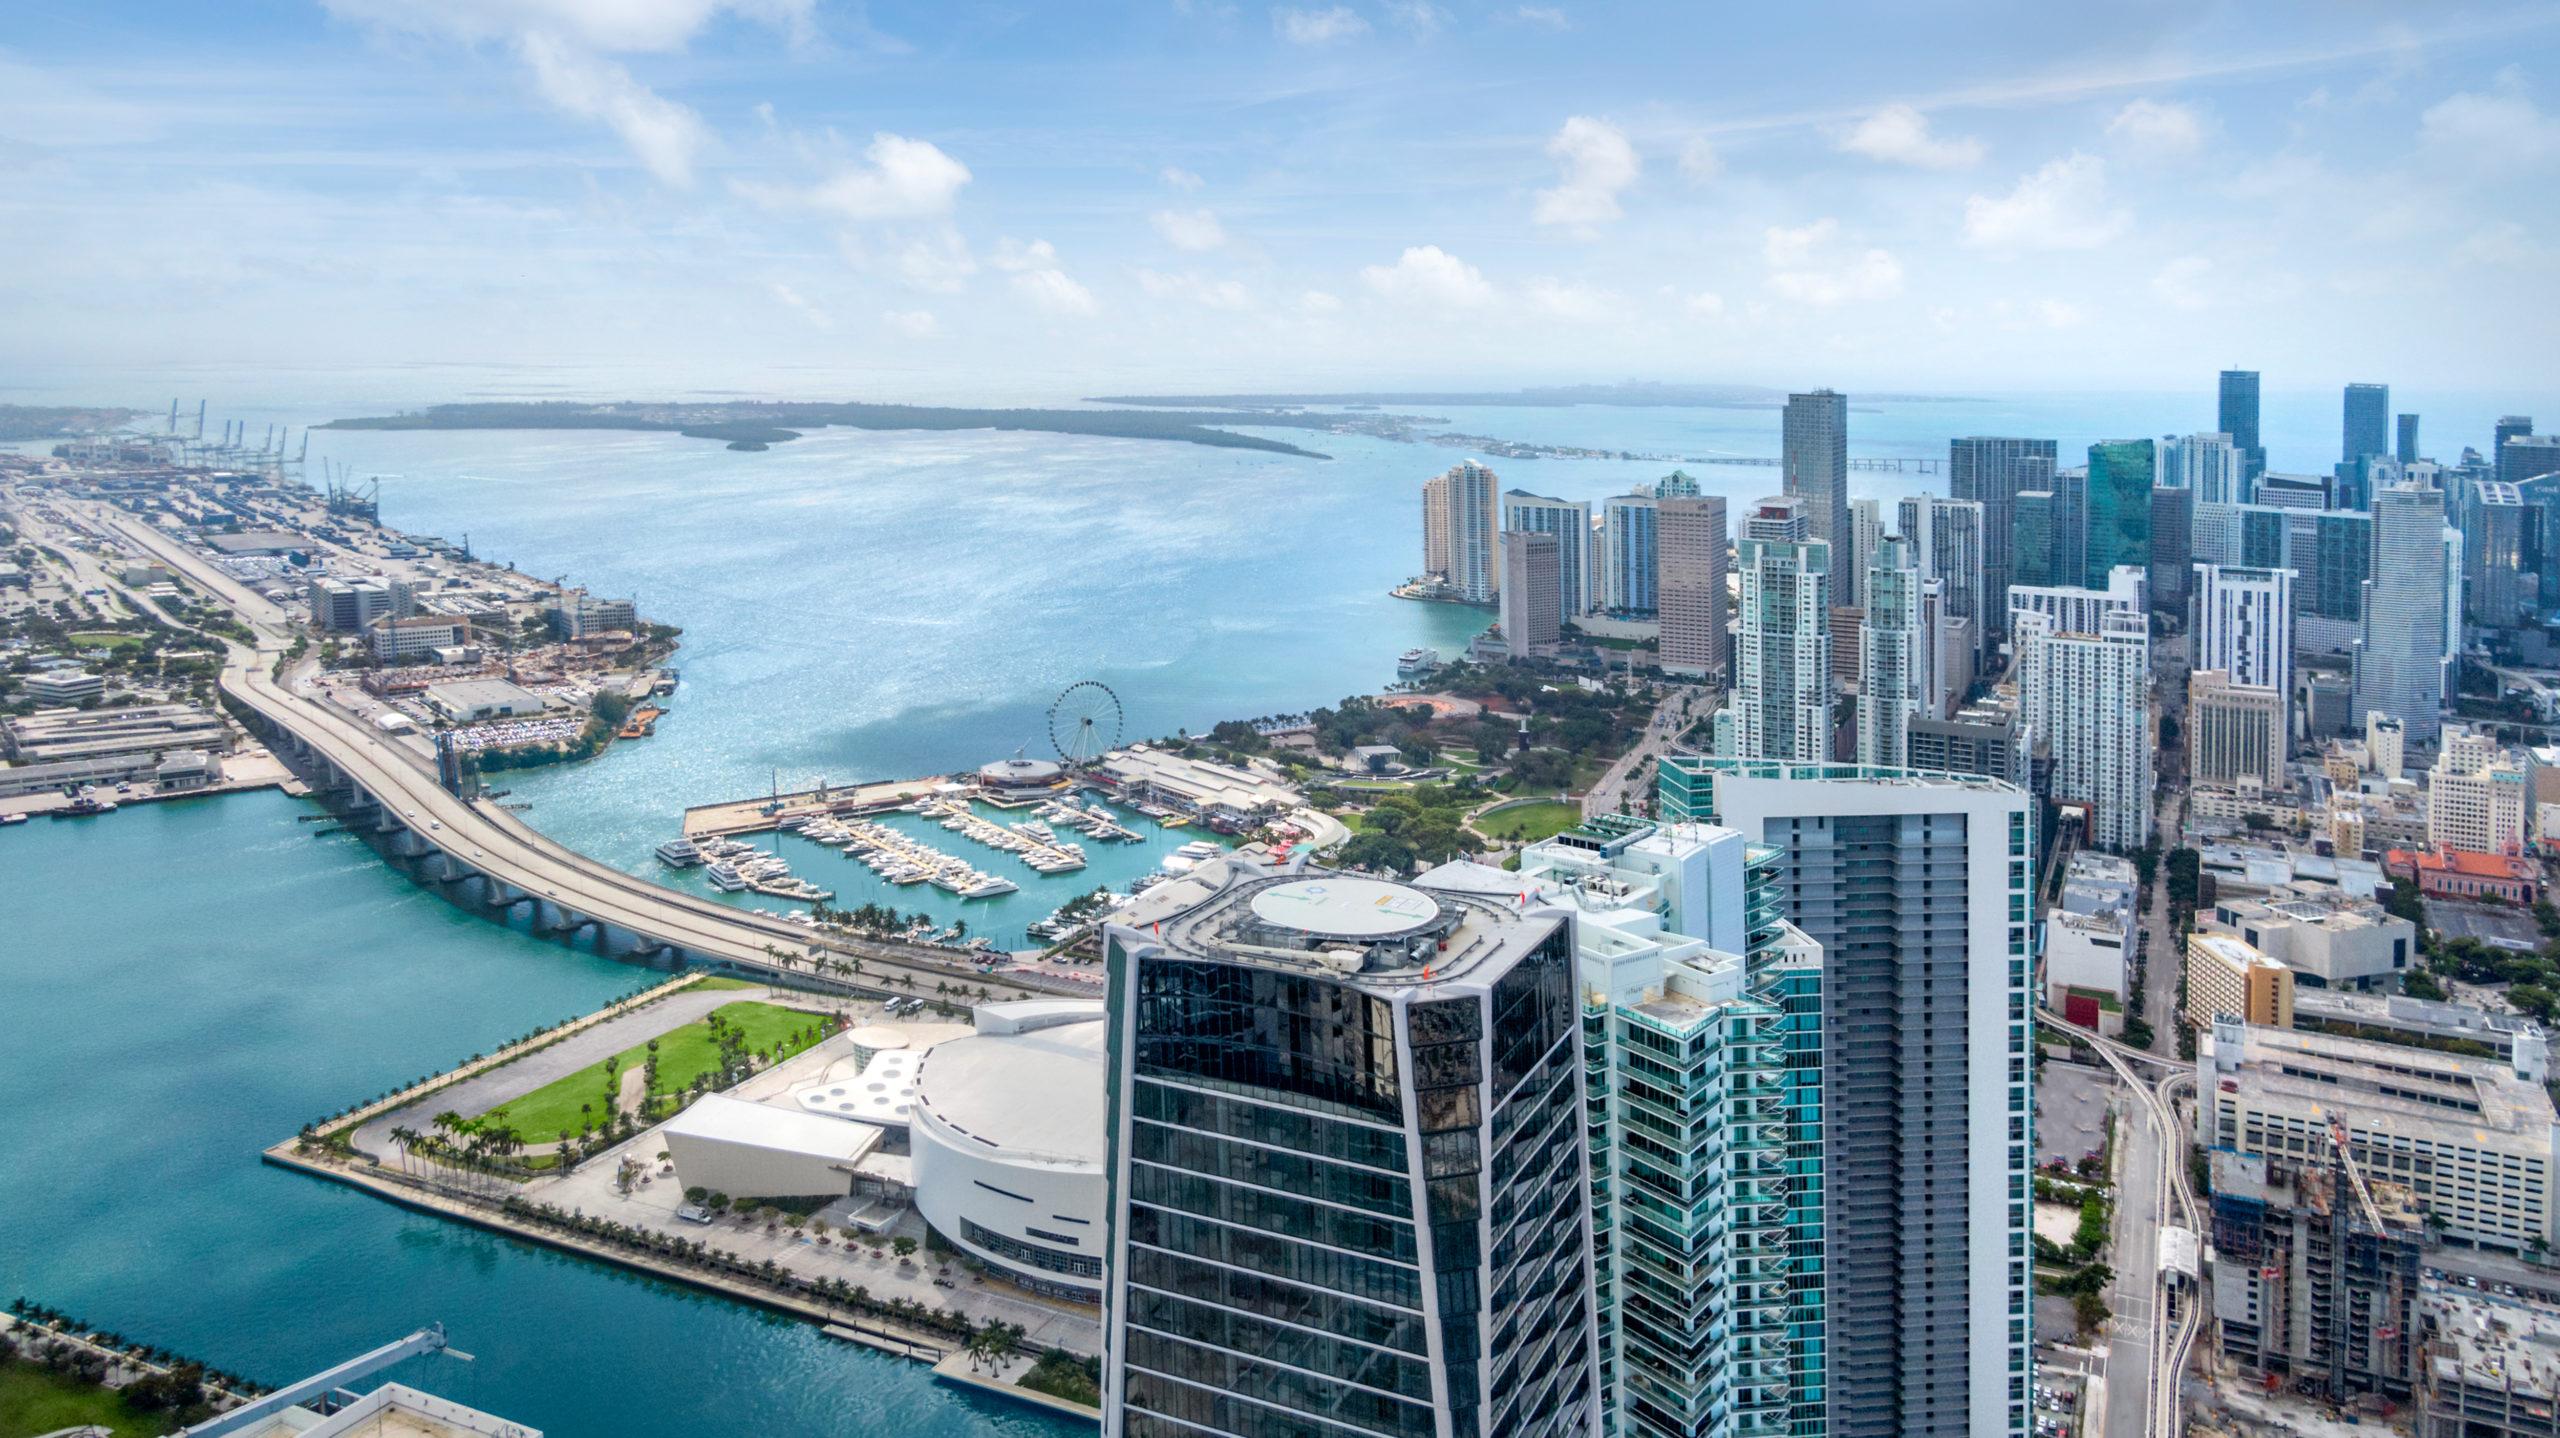 Helipad 1000 Museum Residences Miami